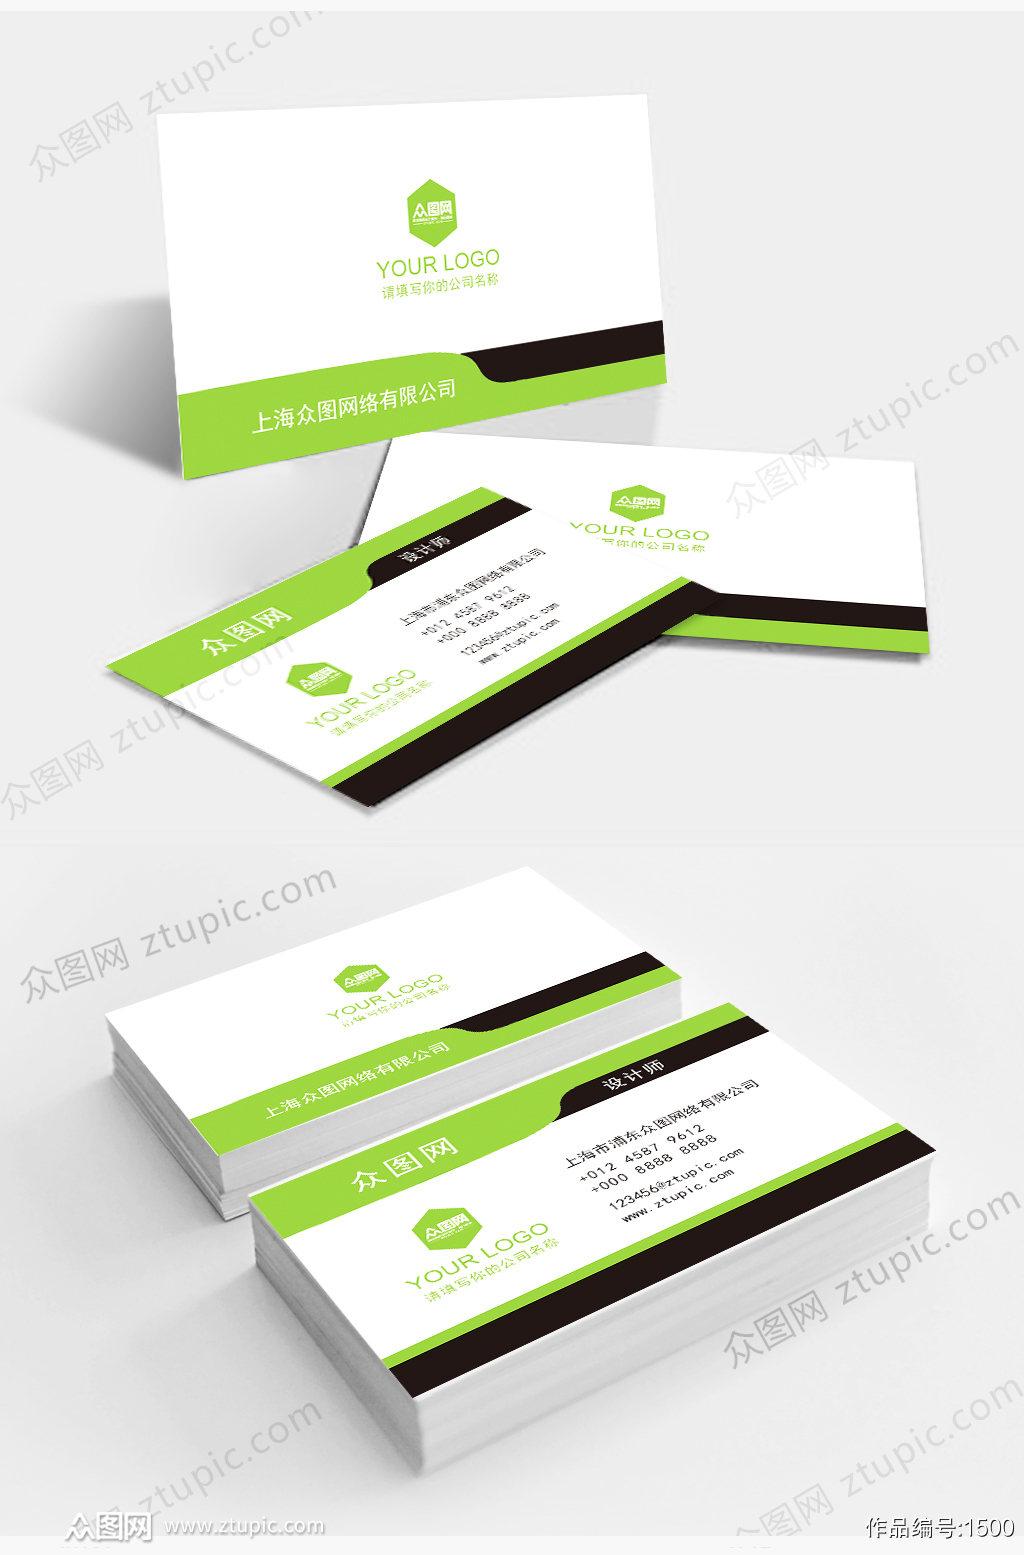 绿色清新名片设计素材